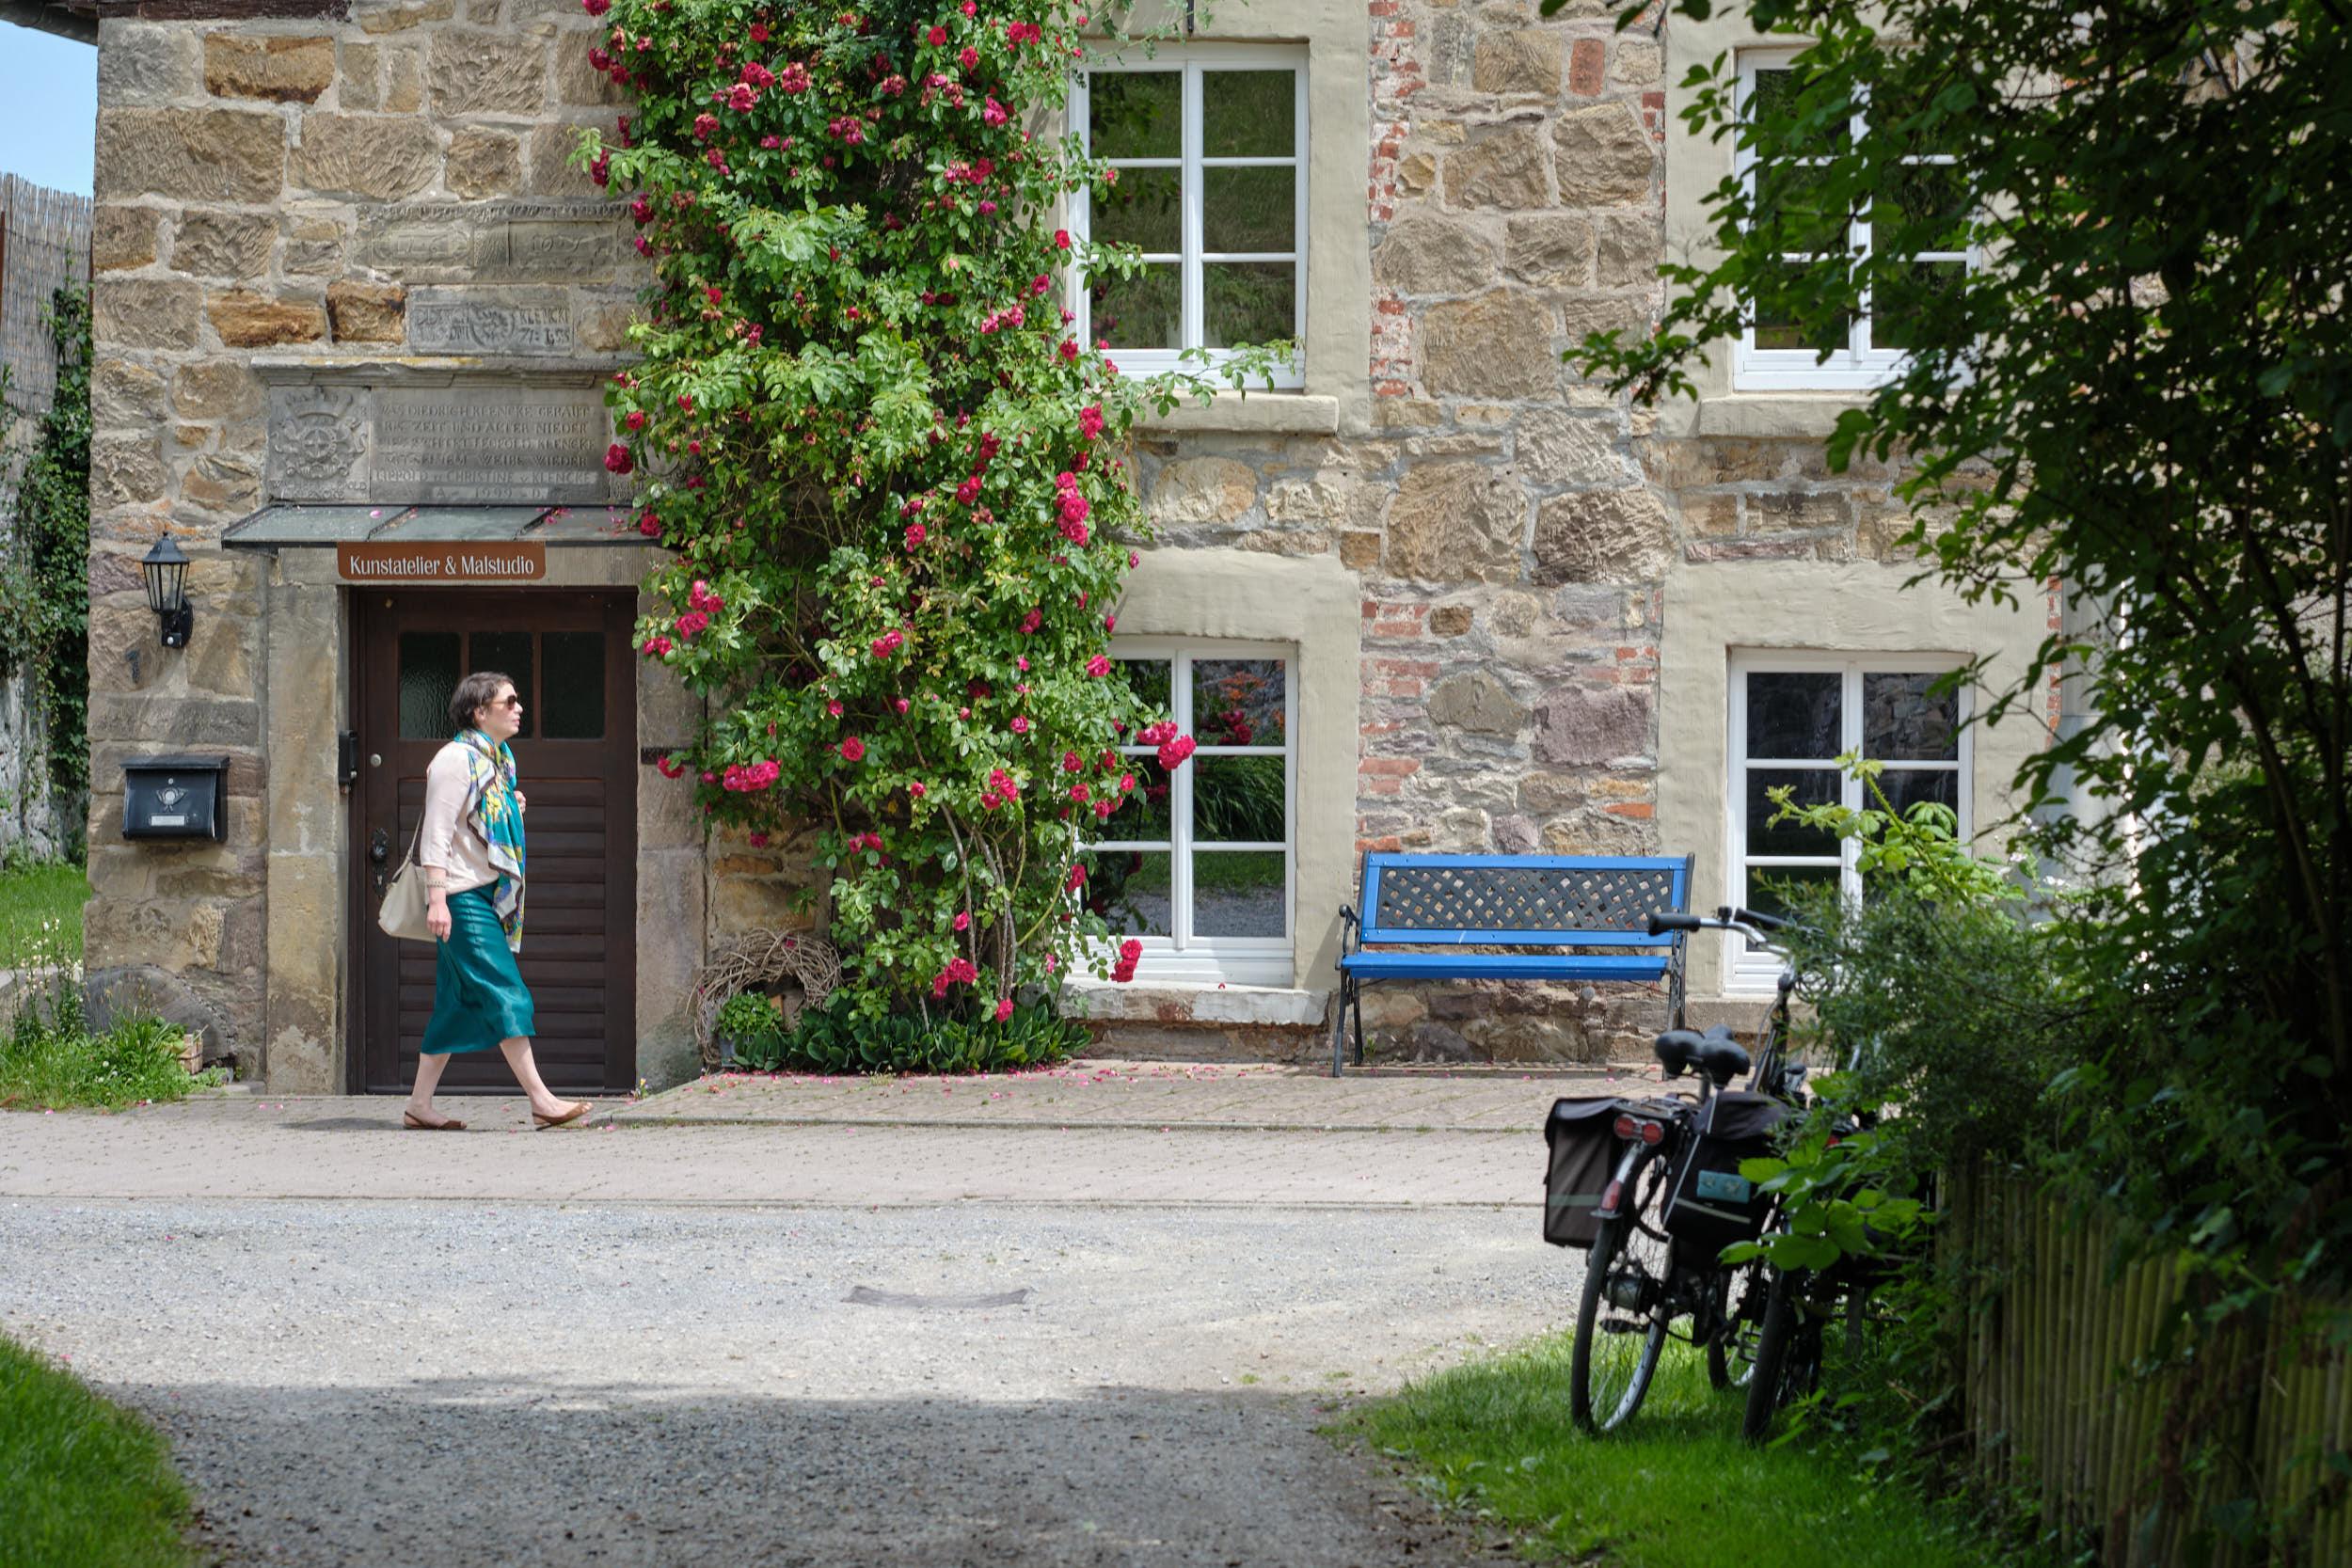 Kunstgewerbe Hämelschenburg